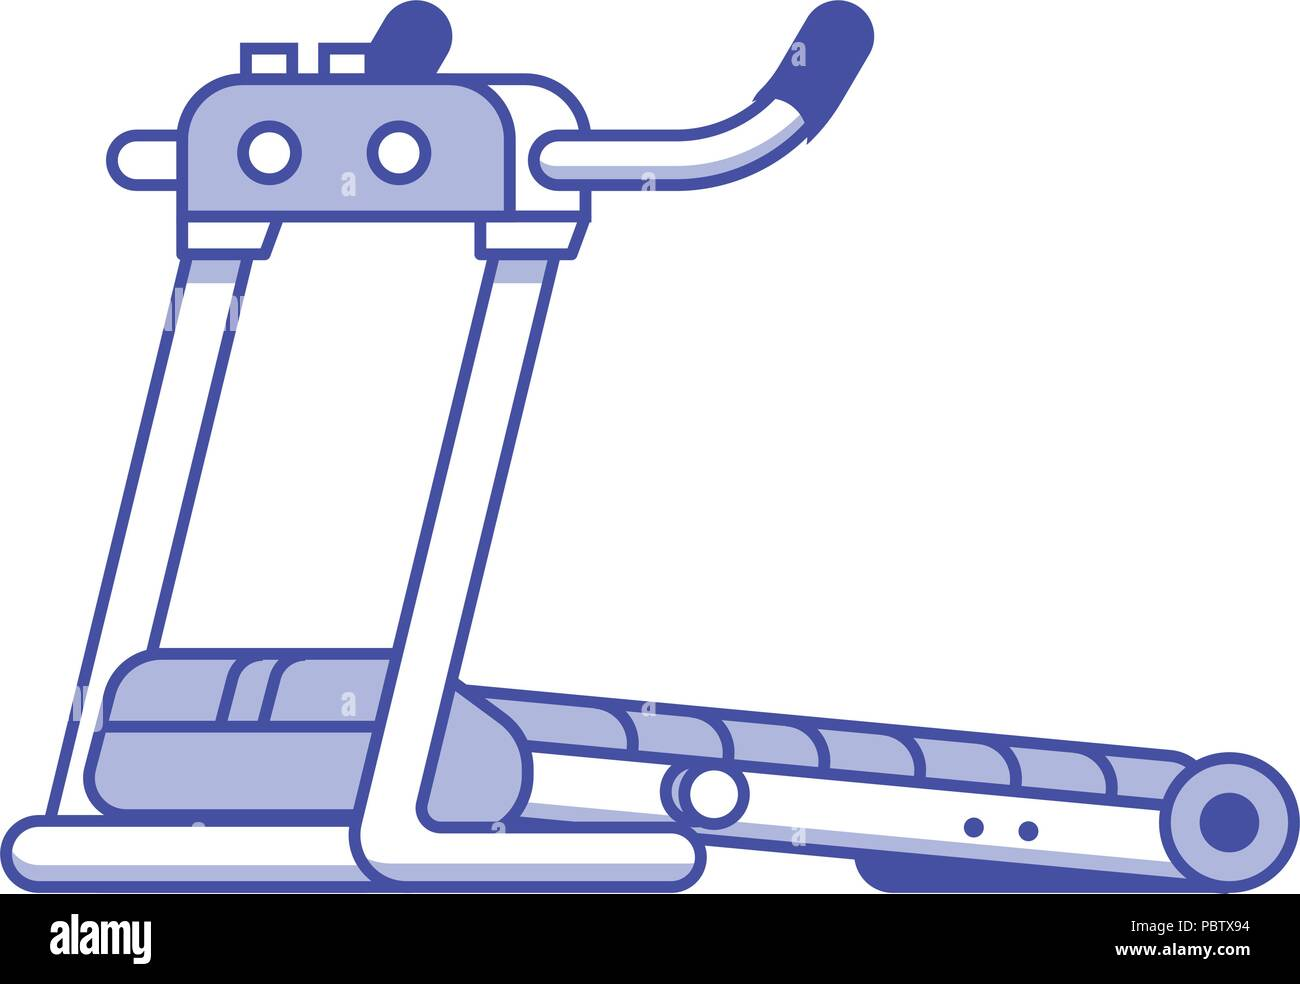 Running Treadmill Icon - Stock Vector